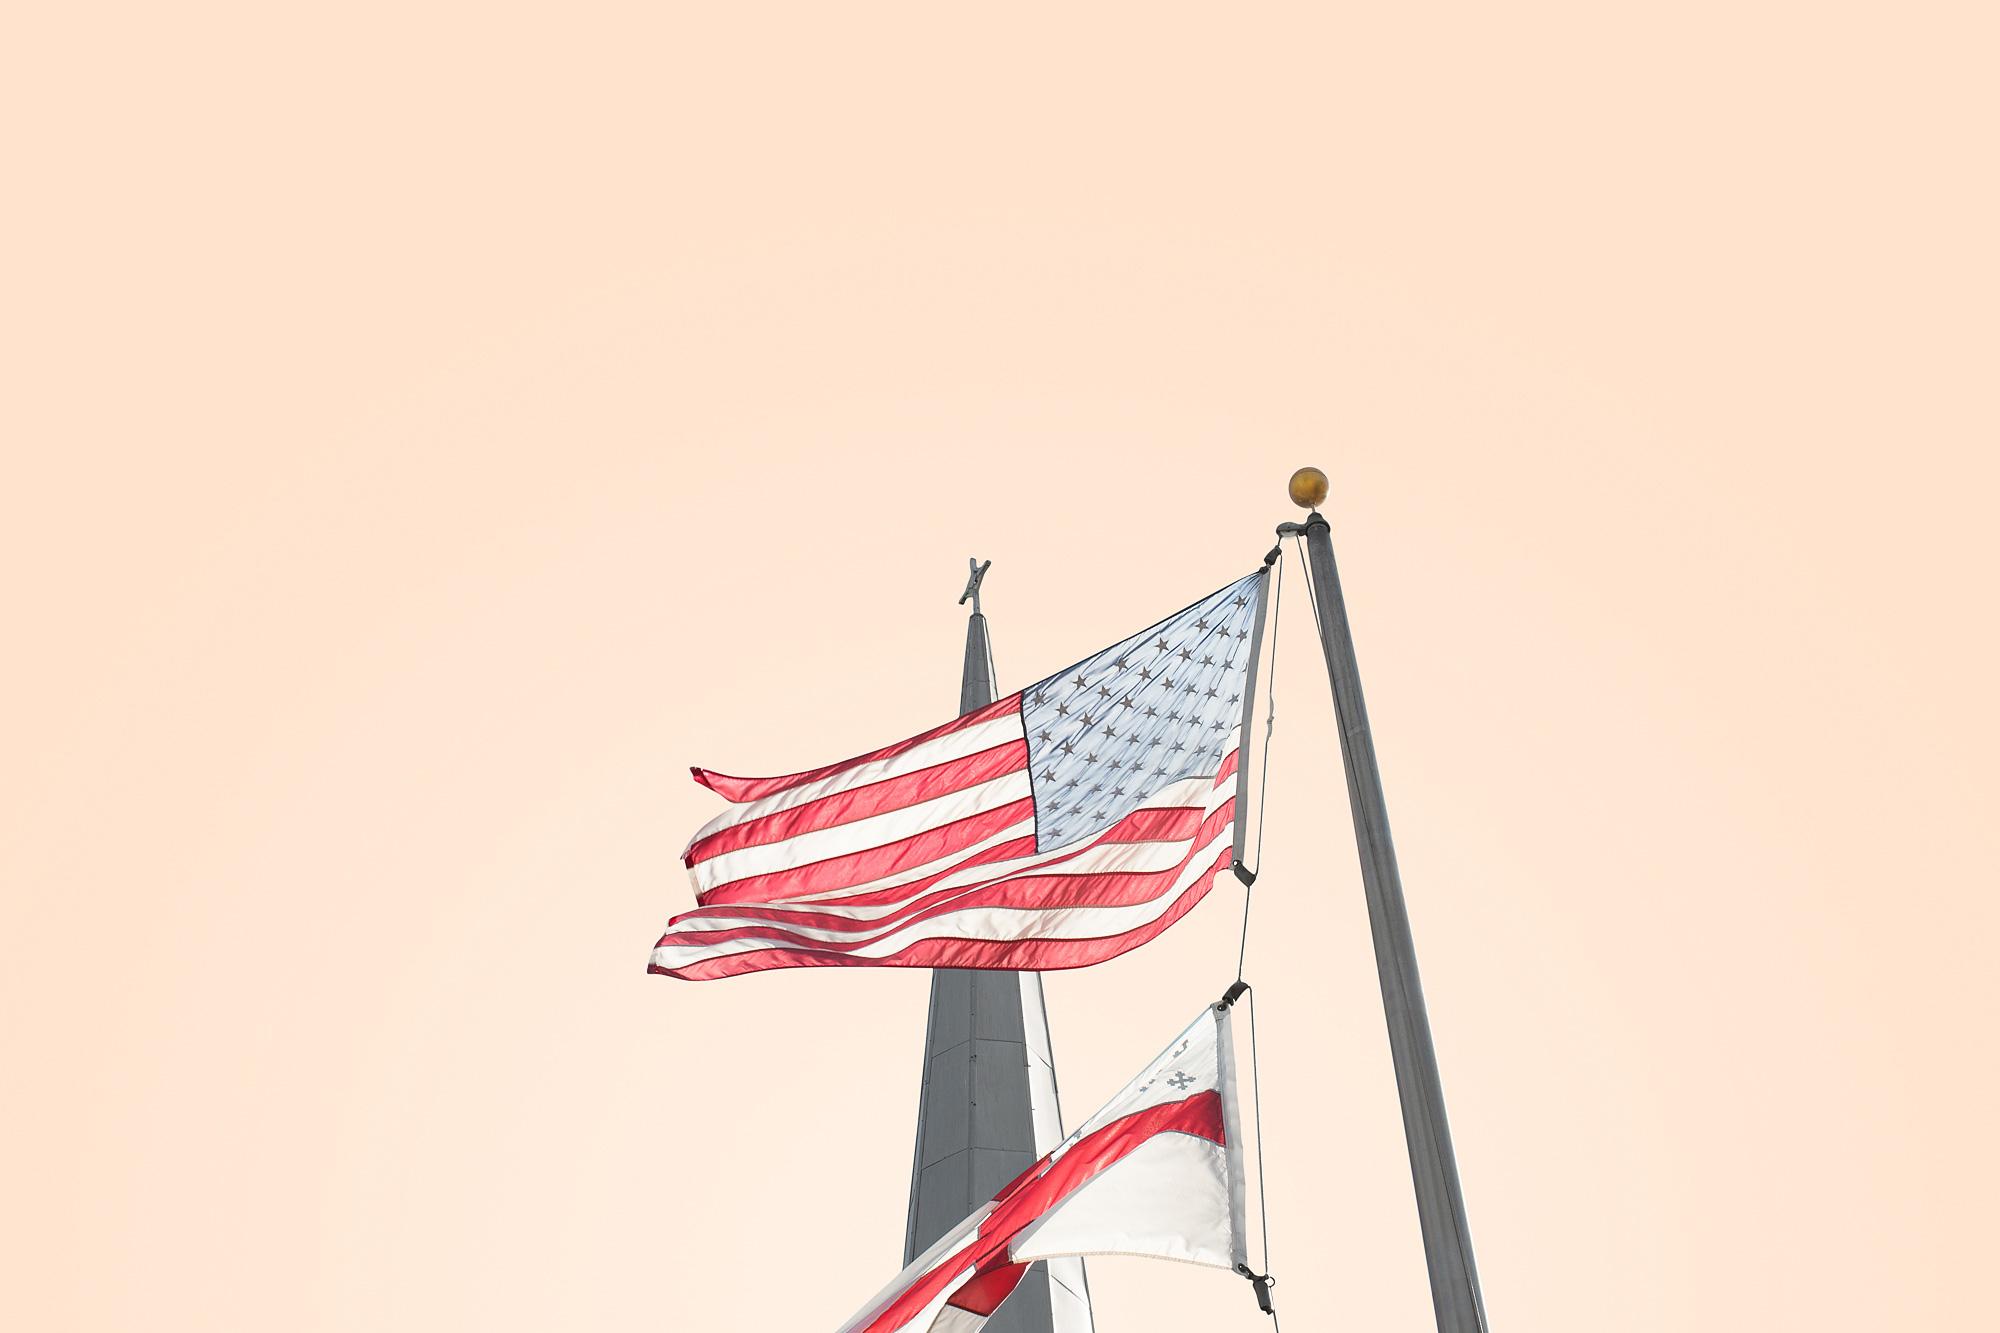 clocher église drapeau américain au vent